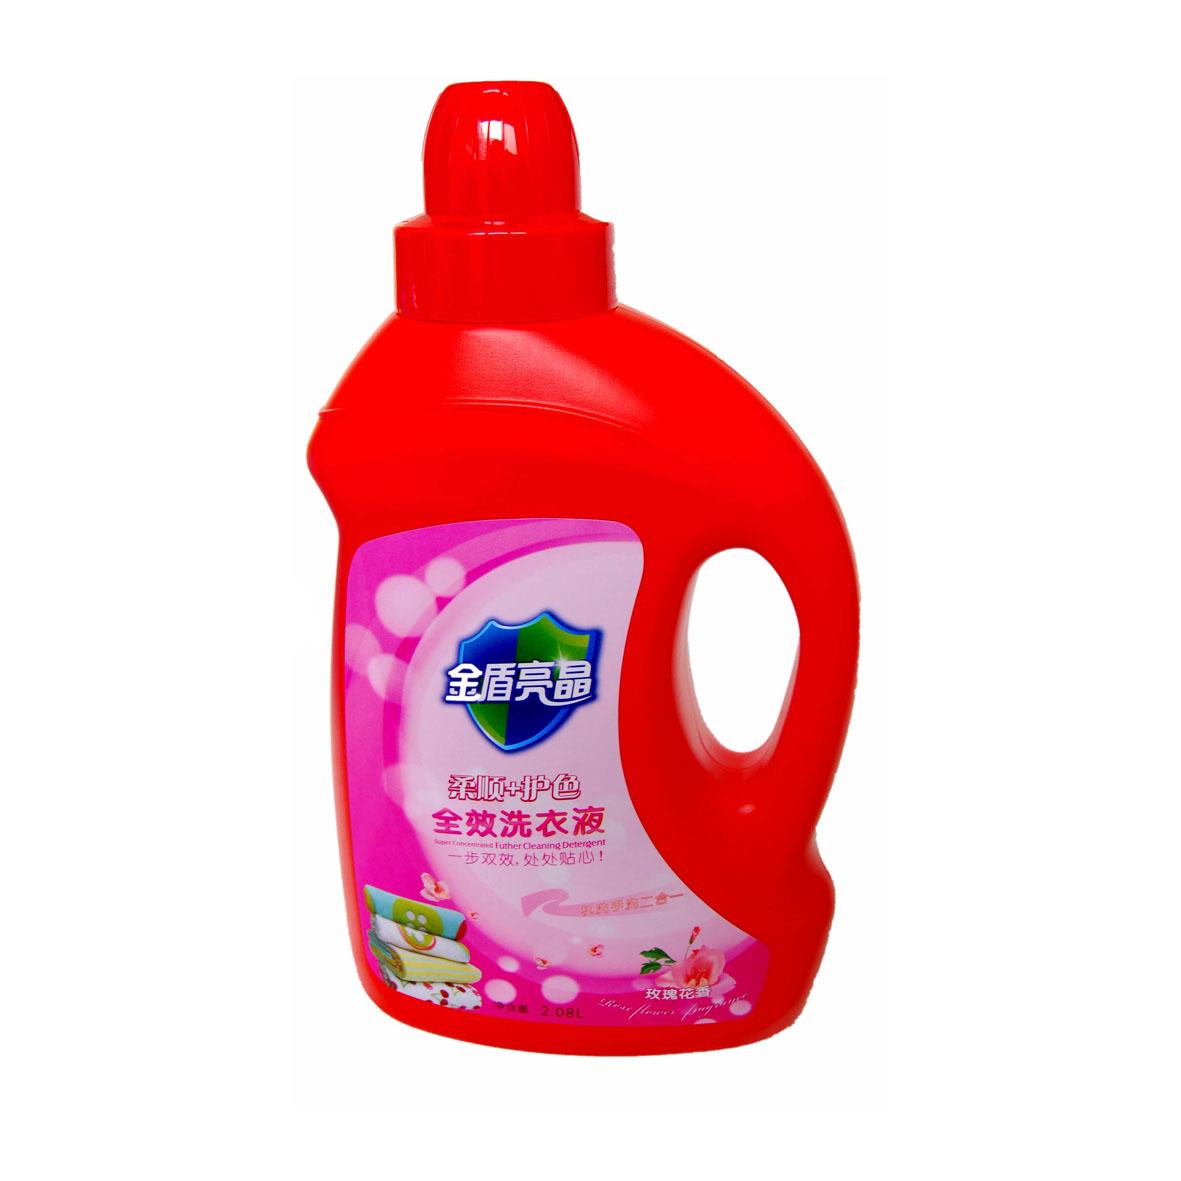 金盾亮晶 洗衣液2.08L.大紅瓶(全效/柔順+護色)